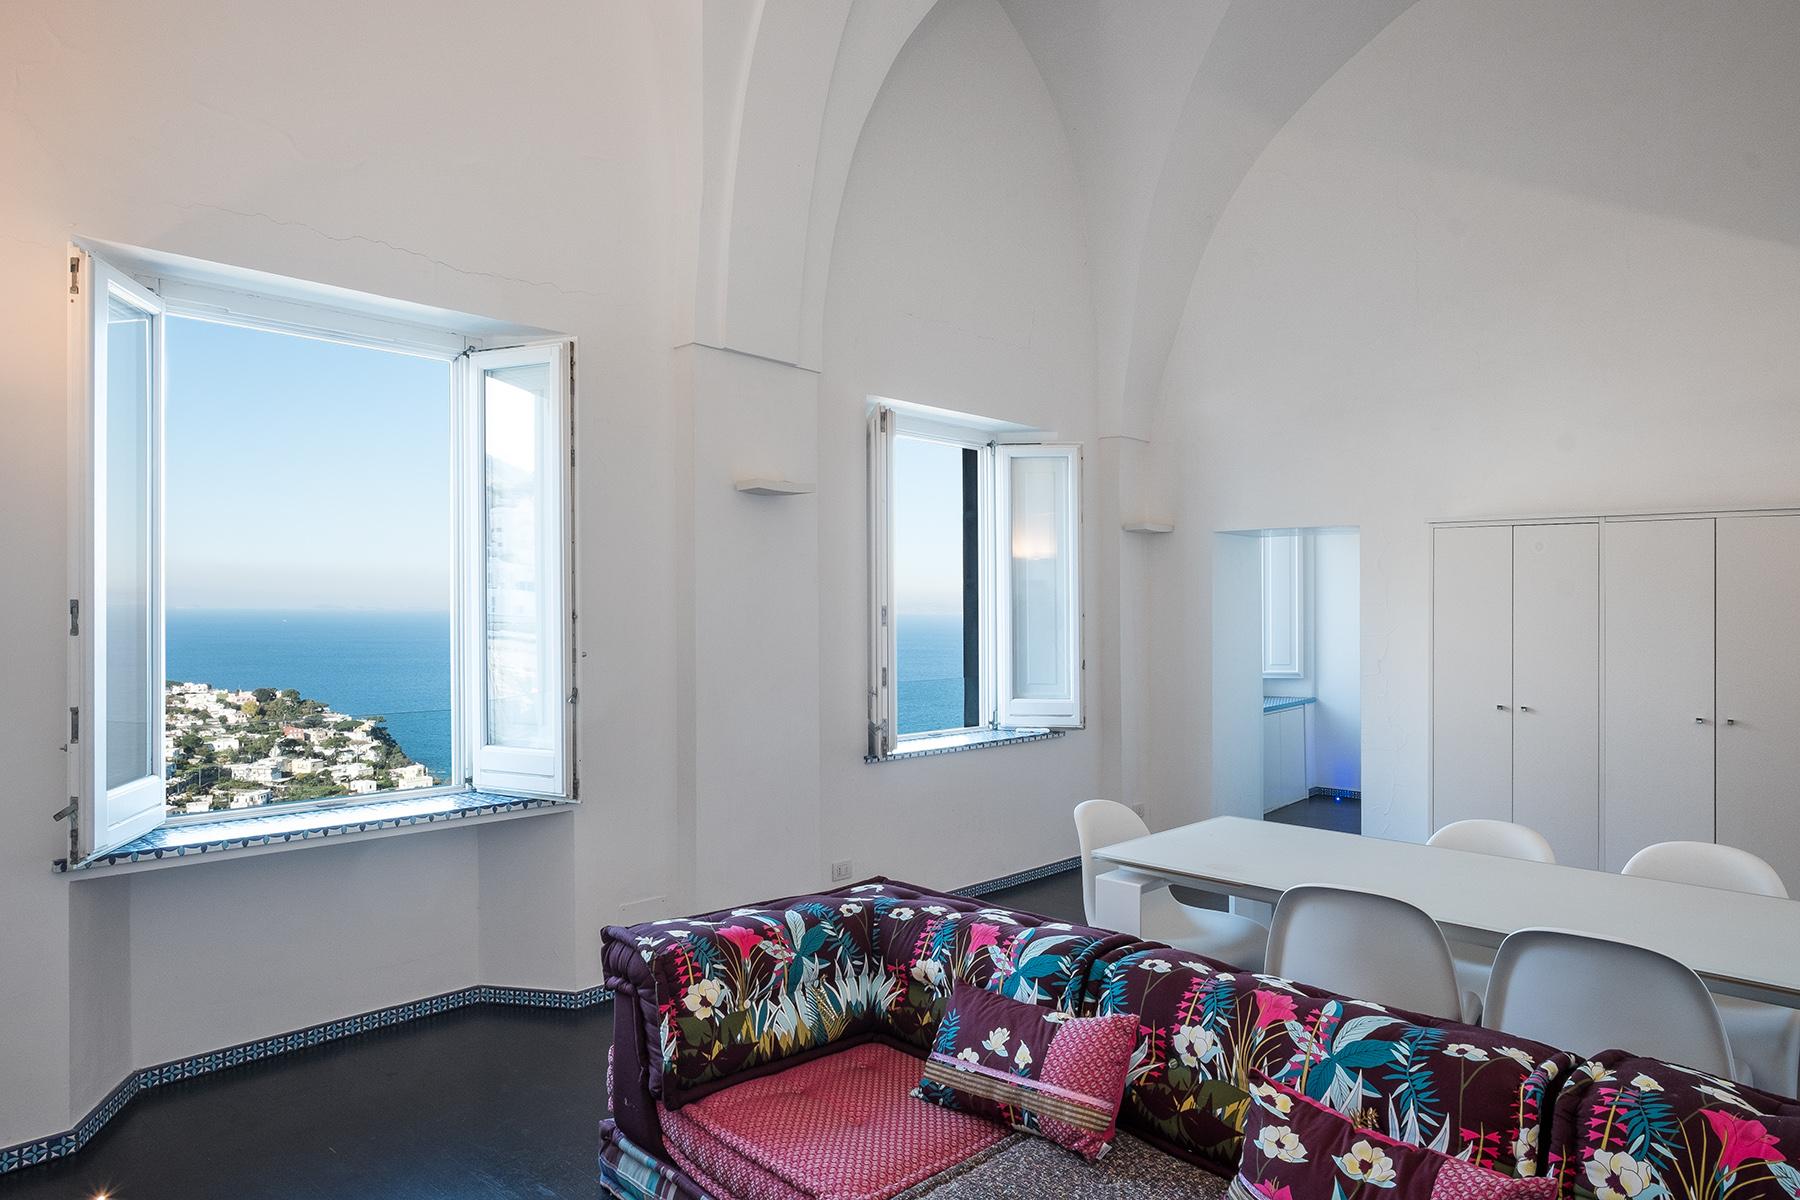 Appartamento in Vendita a Capri: 5 locali, 70 mq - Foto 1